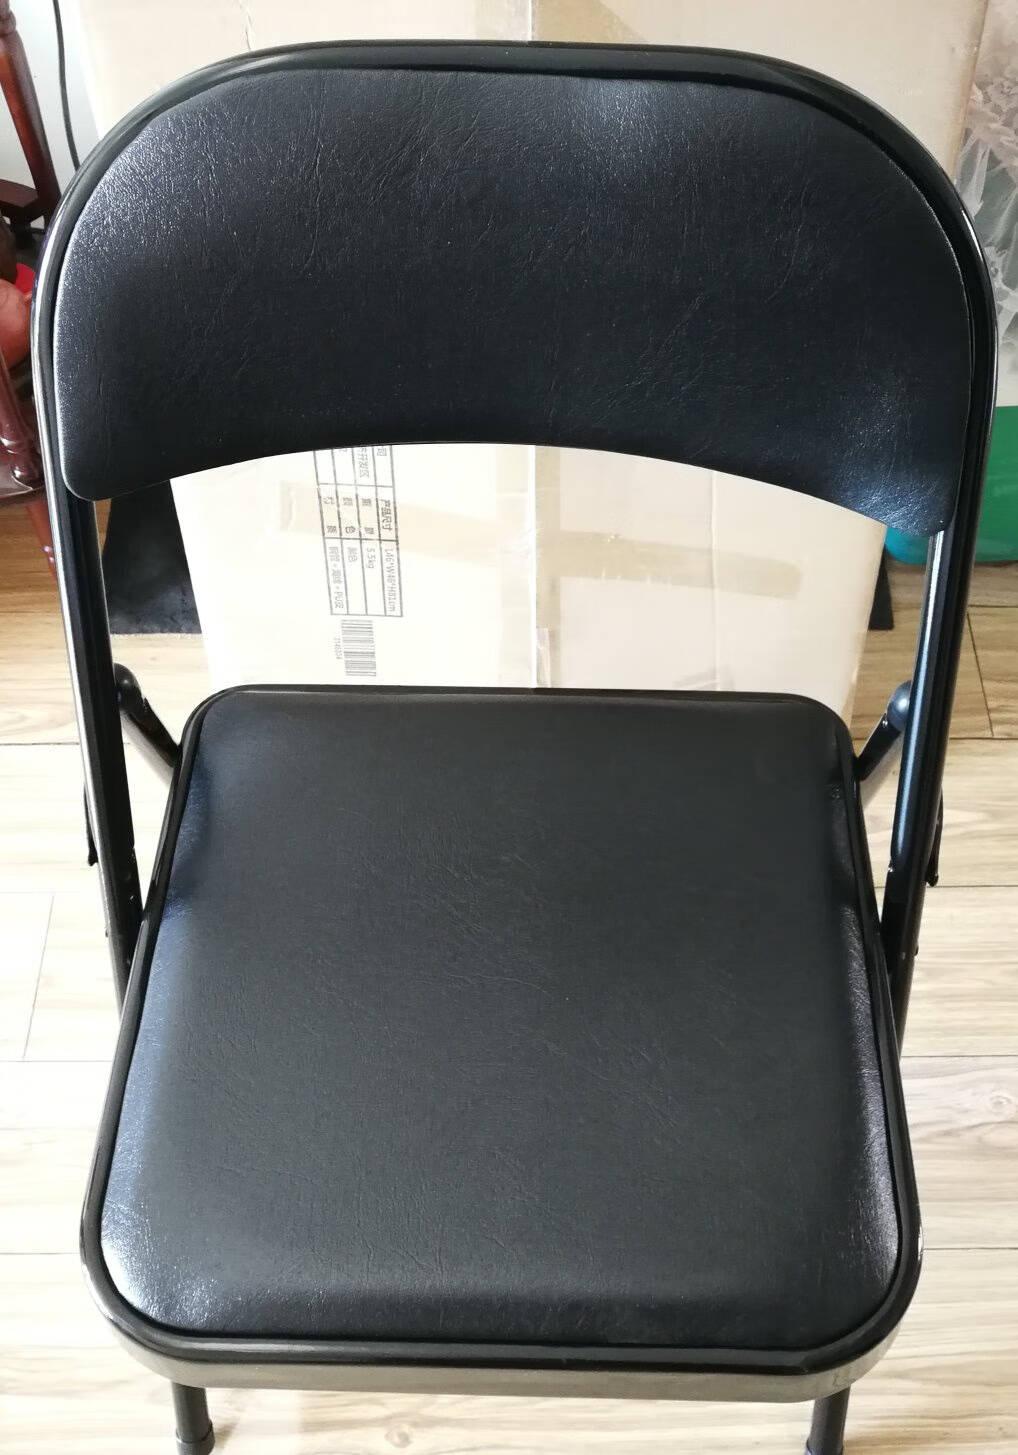 家乐铭品折叠椅办公椅会议椅子加固结实培训座椅凳子家用休闲电脑椅靠背椅黑色BZ703